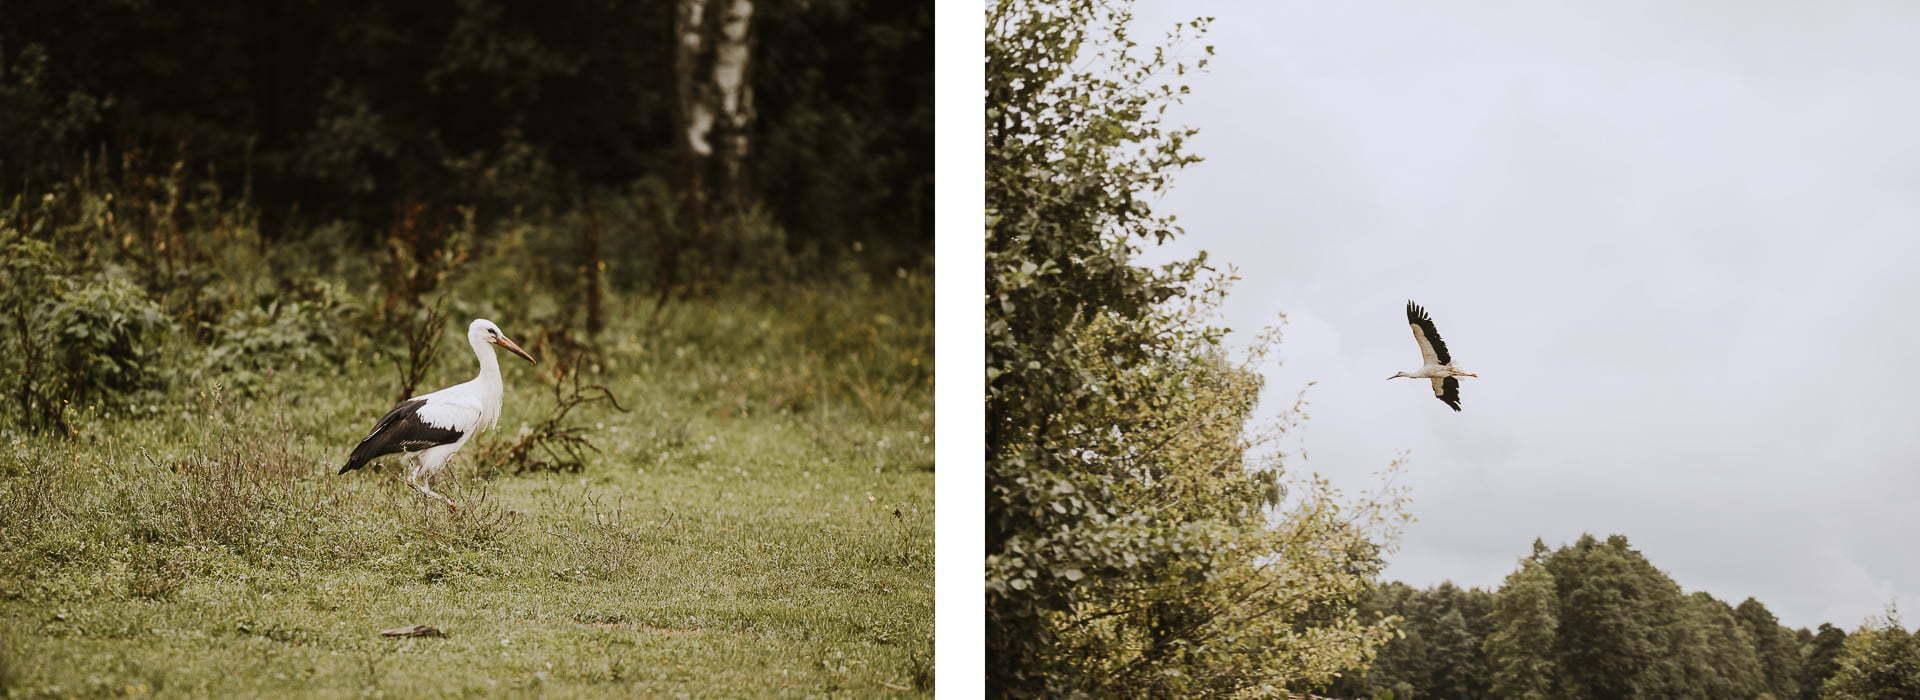 Wiosenne zdjęcia - fotografia ptaków